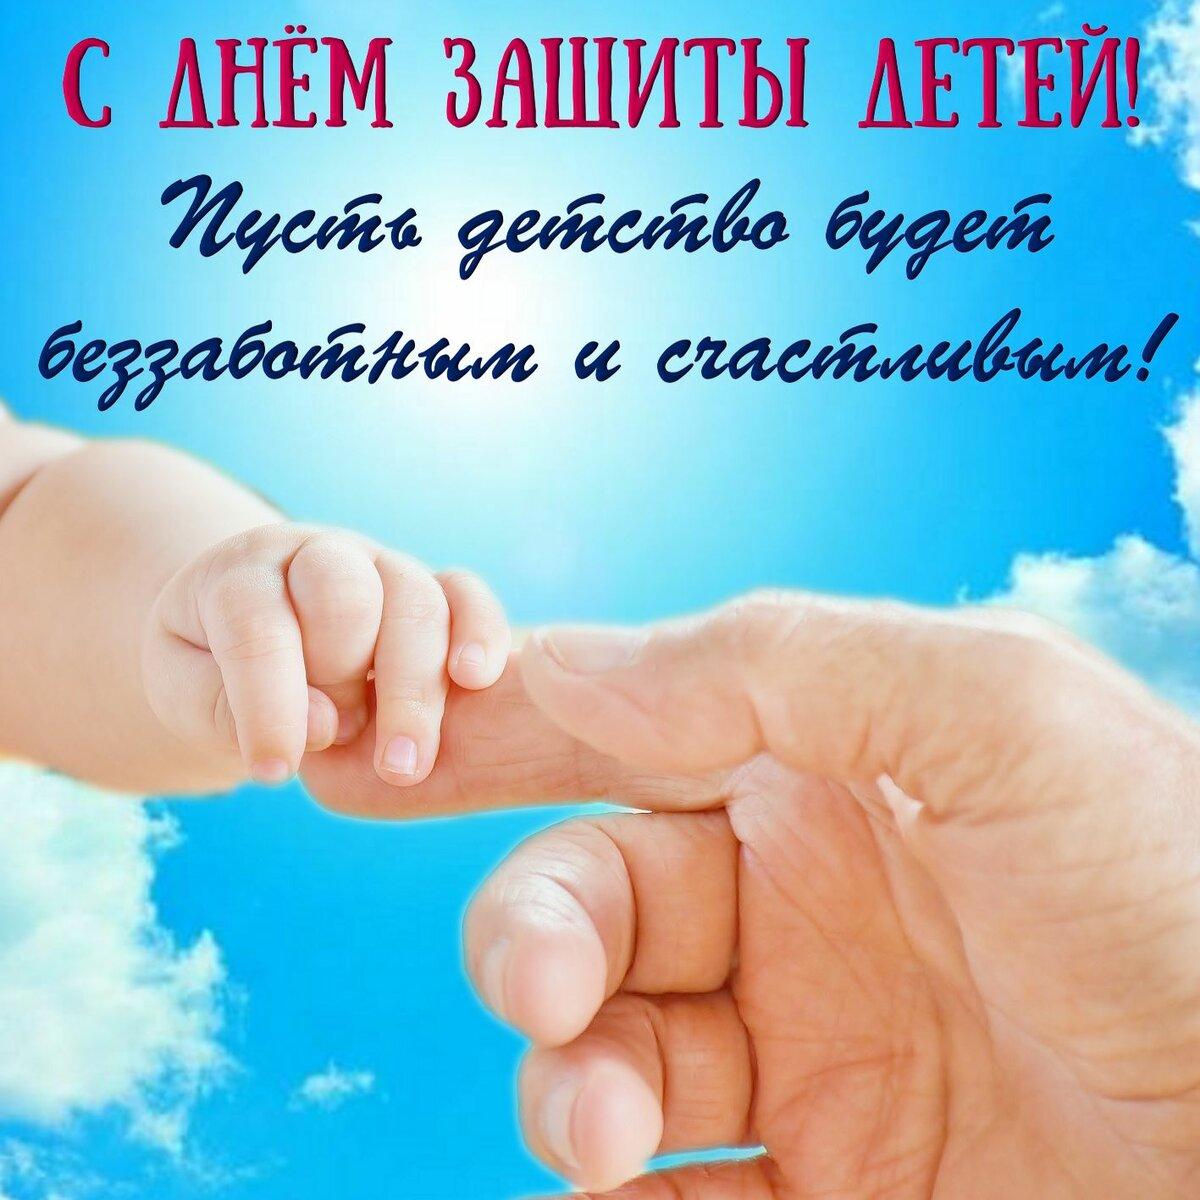 Поздравление с днем защиты детства